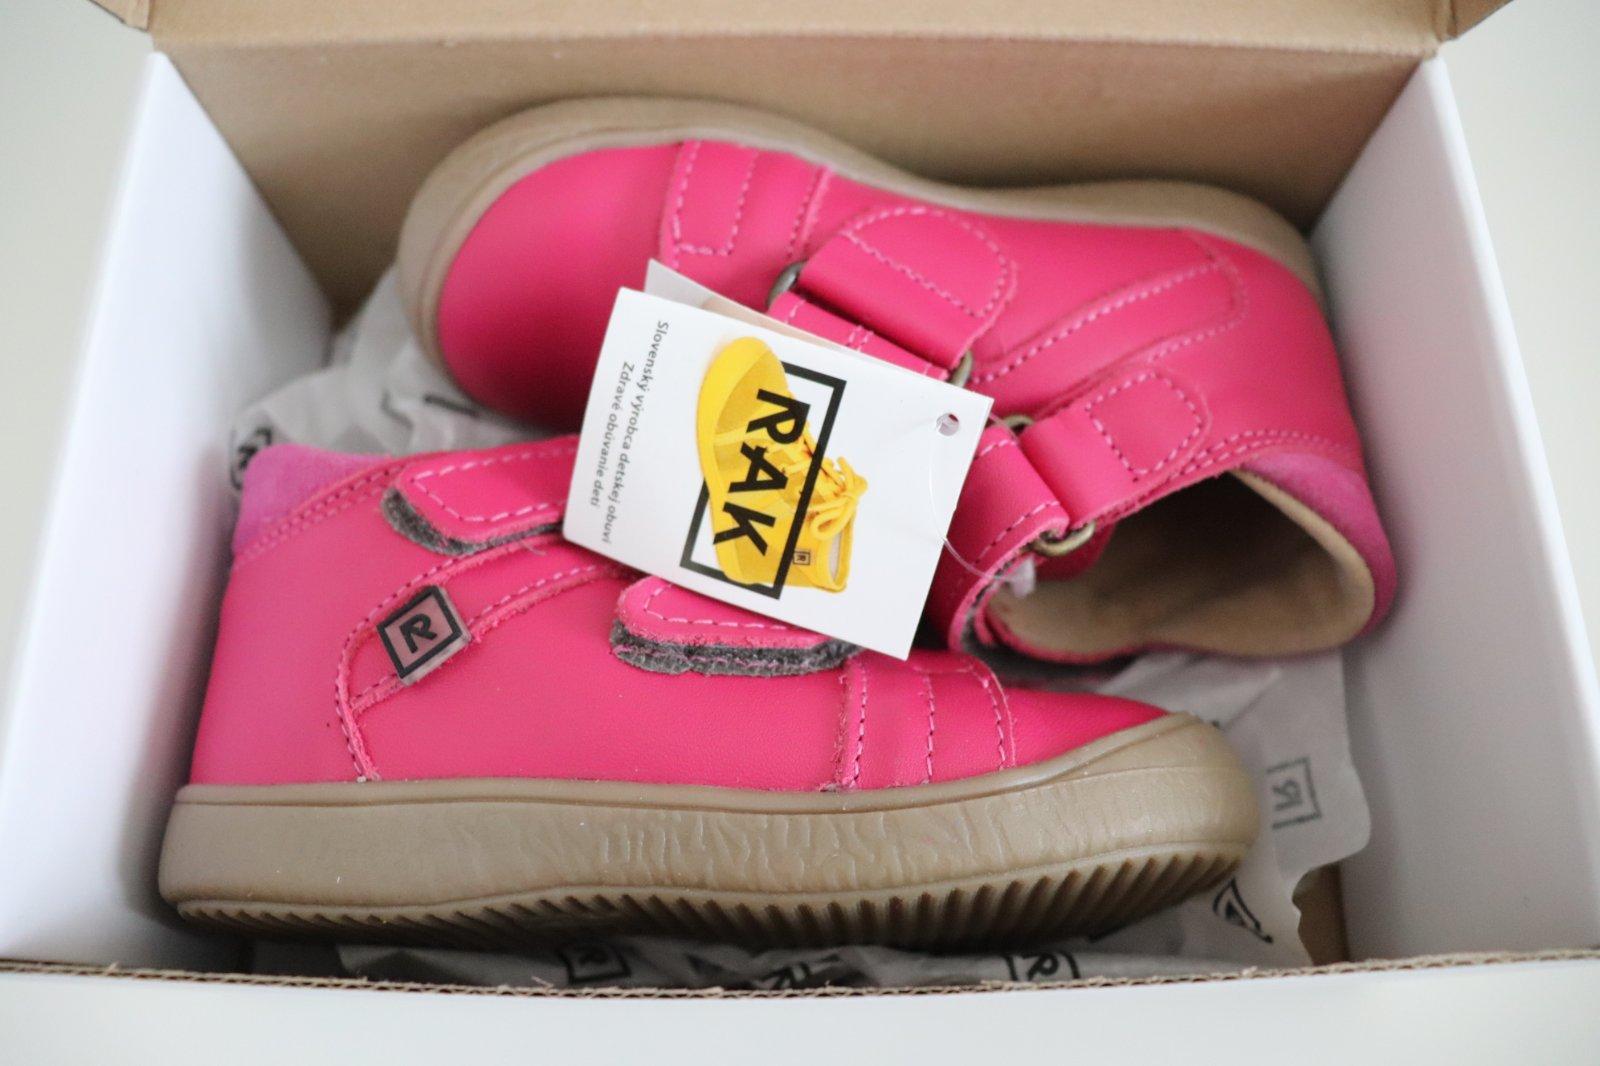 89cd745cdd4e3 Rak dievčenské kožené topánky wendy, rak,24 / 27 / 28 - 34 € od  predávajúcej princeznovo | Detský bazár | ModryKonik.sk